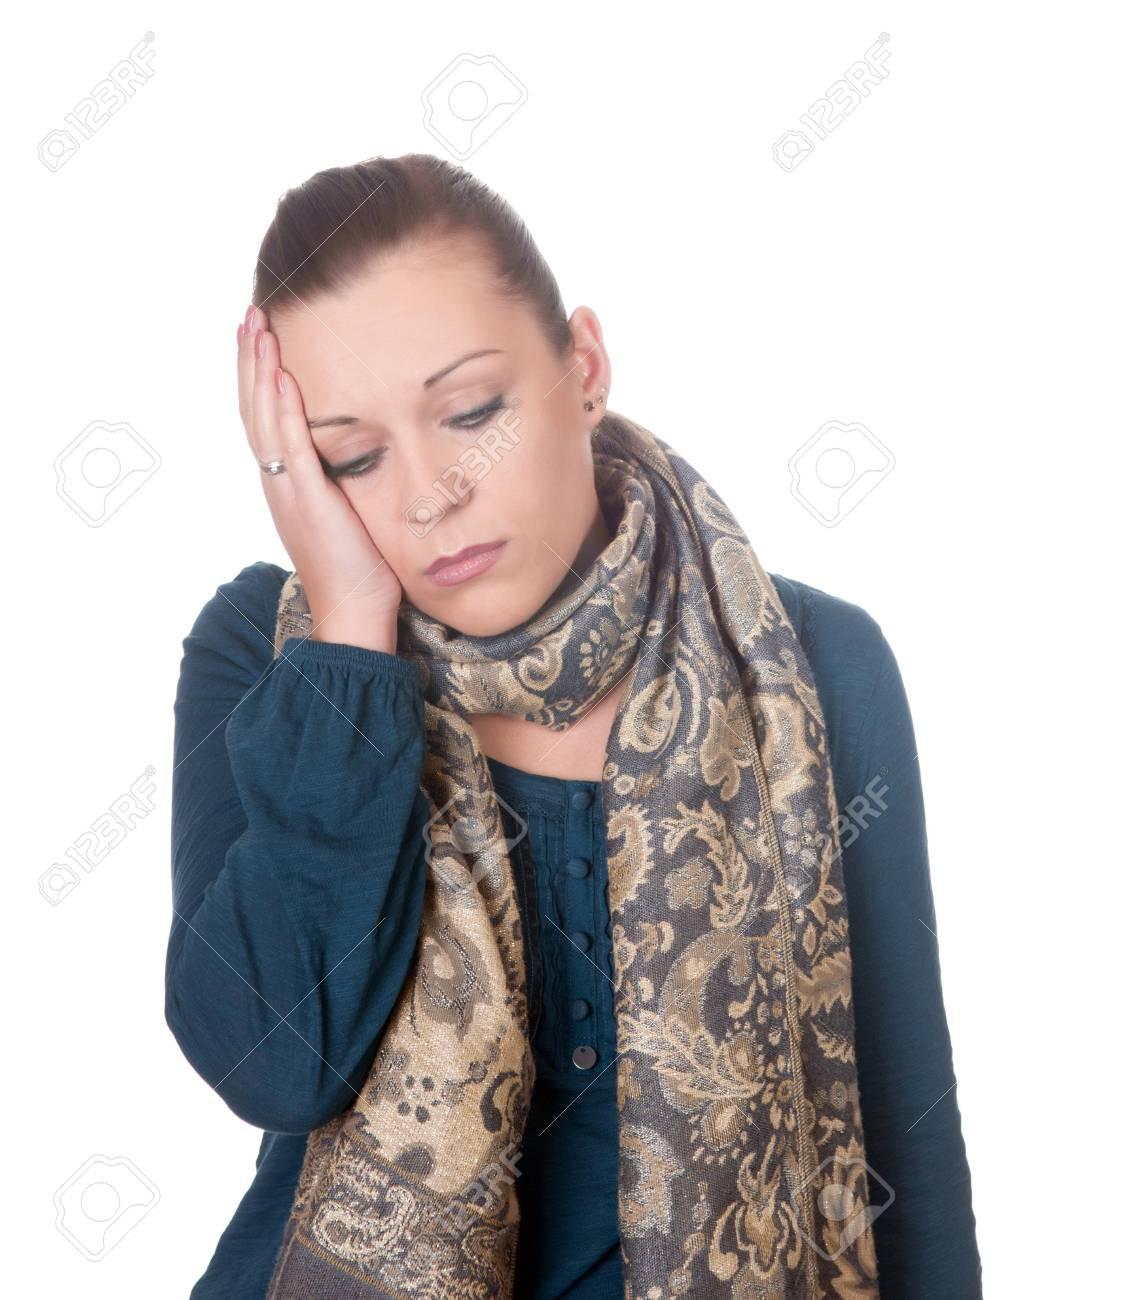 young women has headache Stock Photo - 11863699